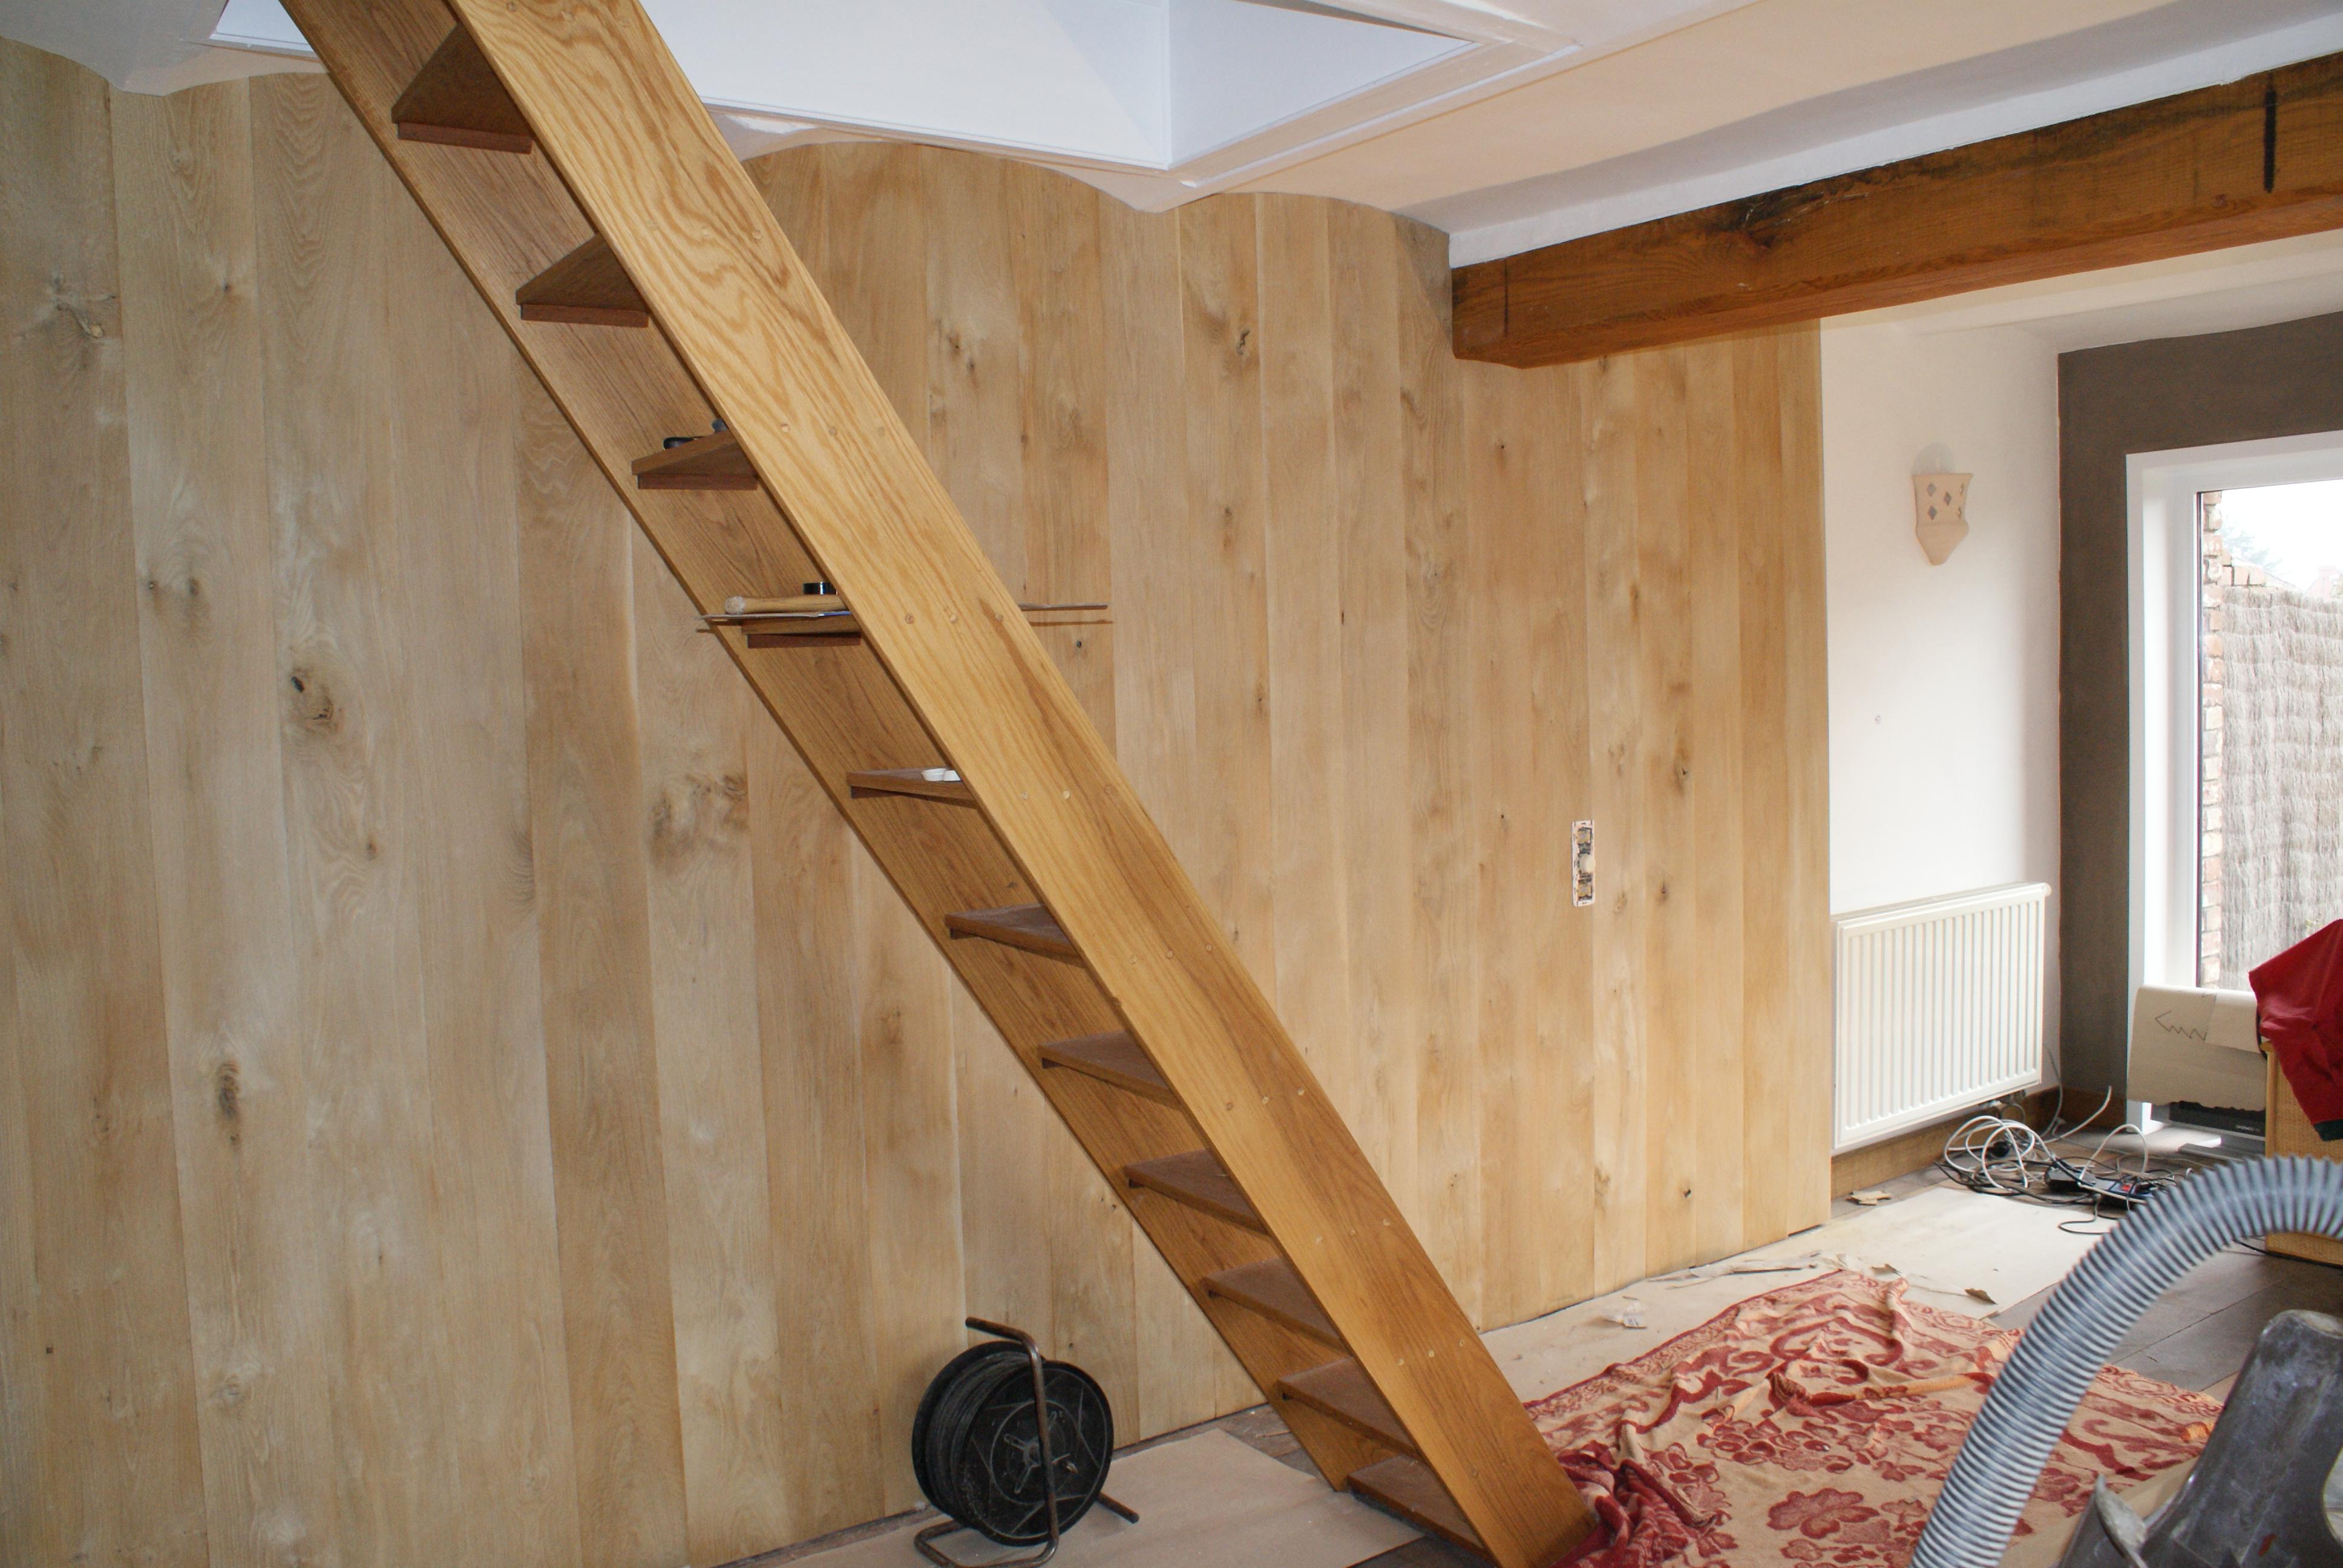 Habillage d 39 un mur avec parquet ch ne massif l gend non trait l 39 at - Habillage mur interieur bois ...